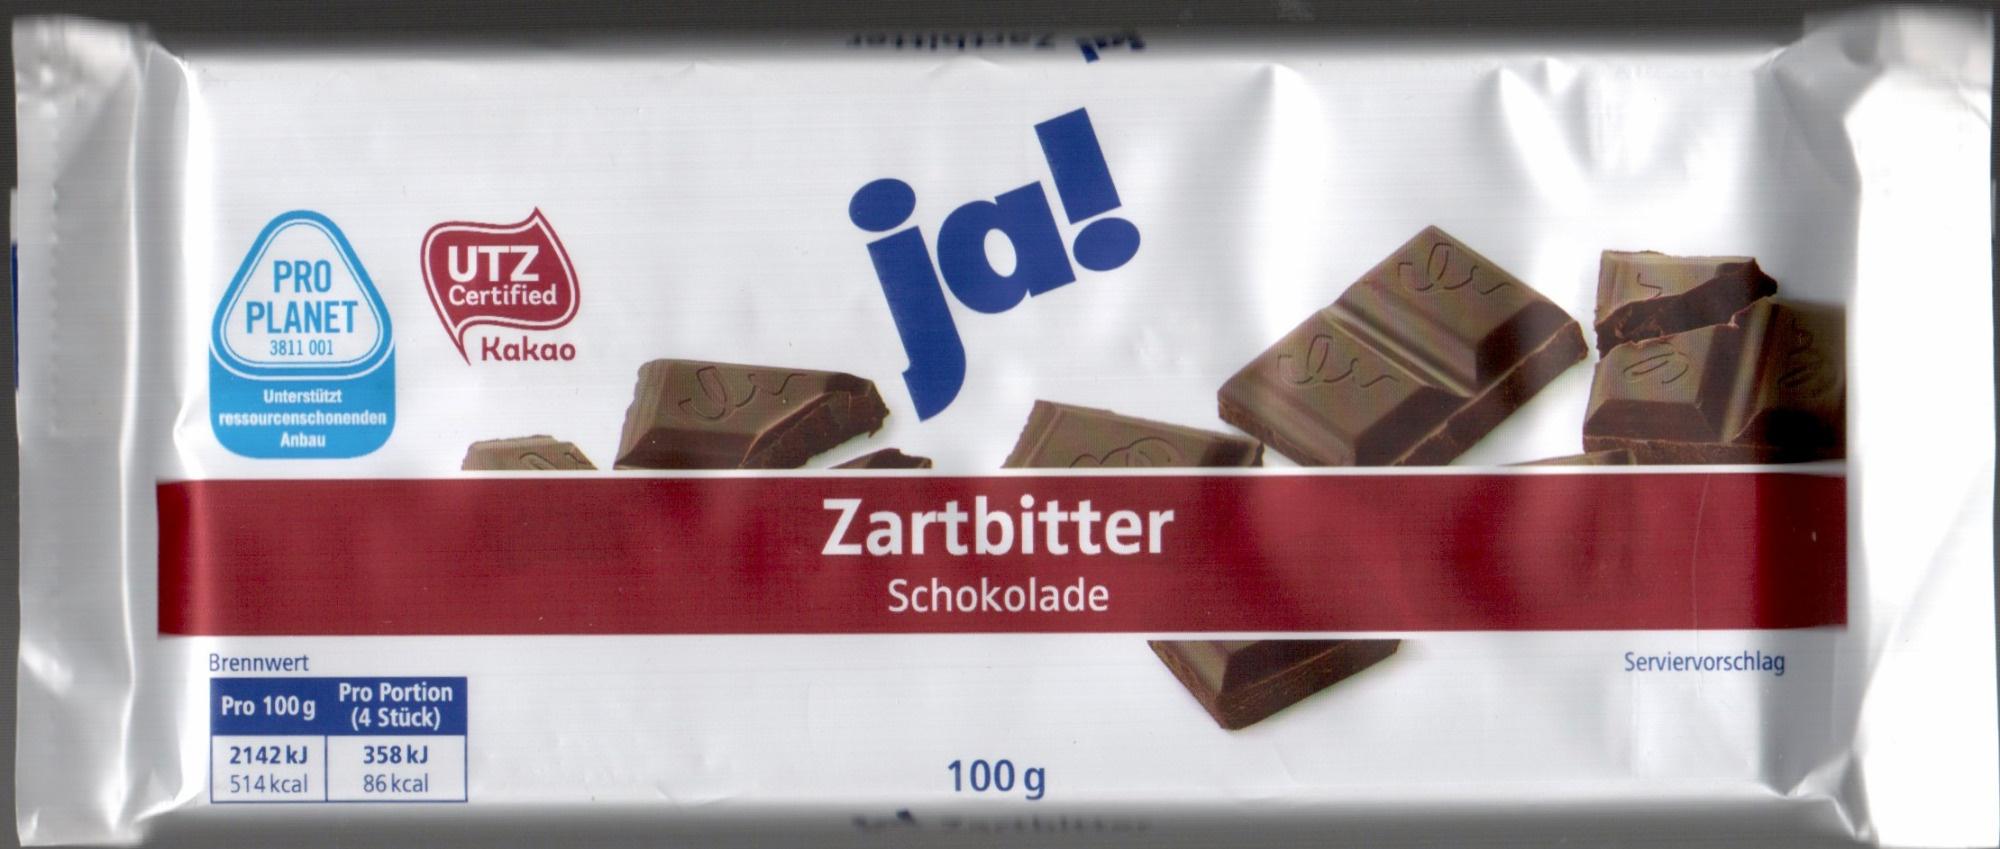 Das ist deutschland full movie - 2 6